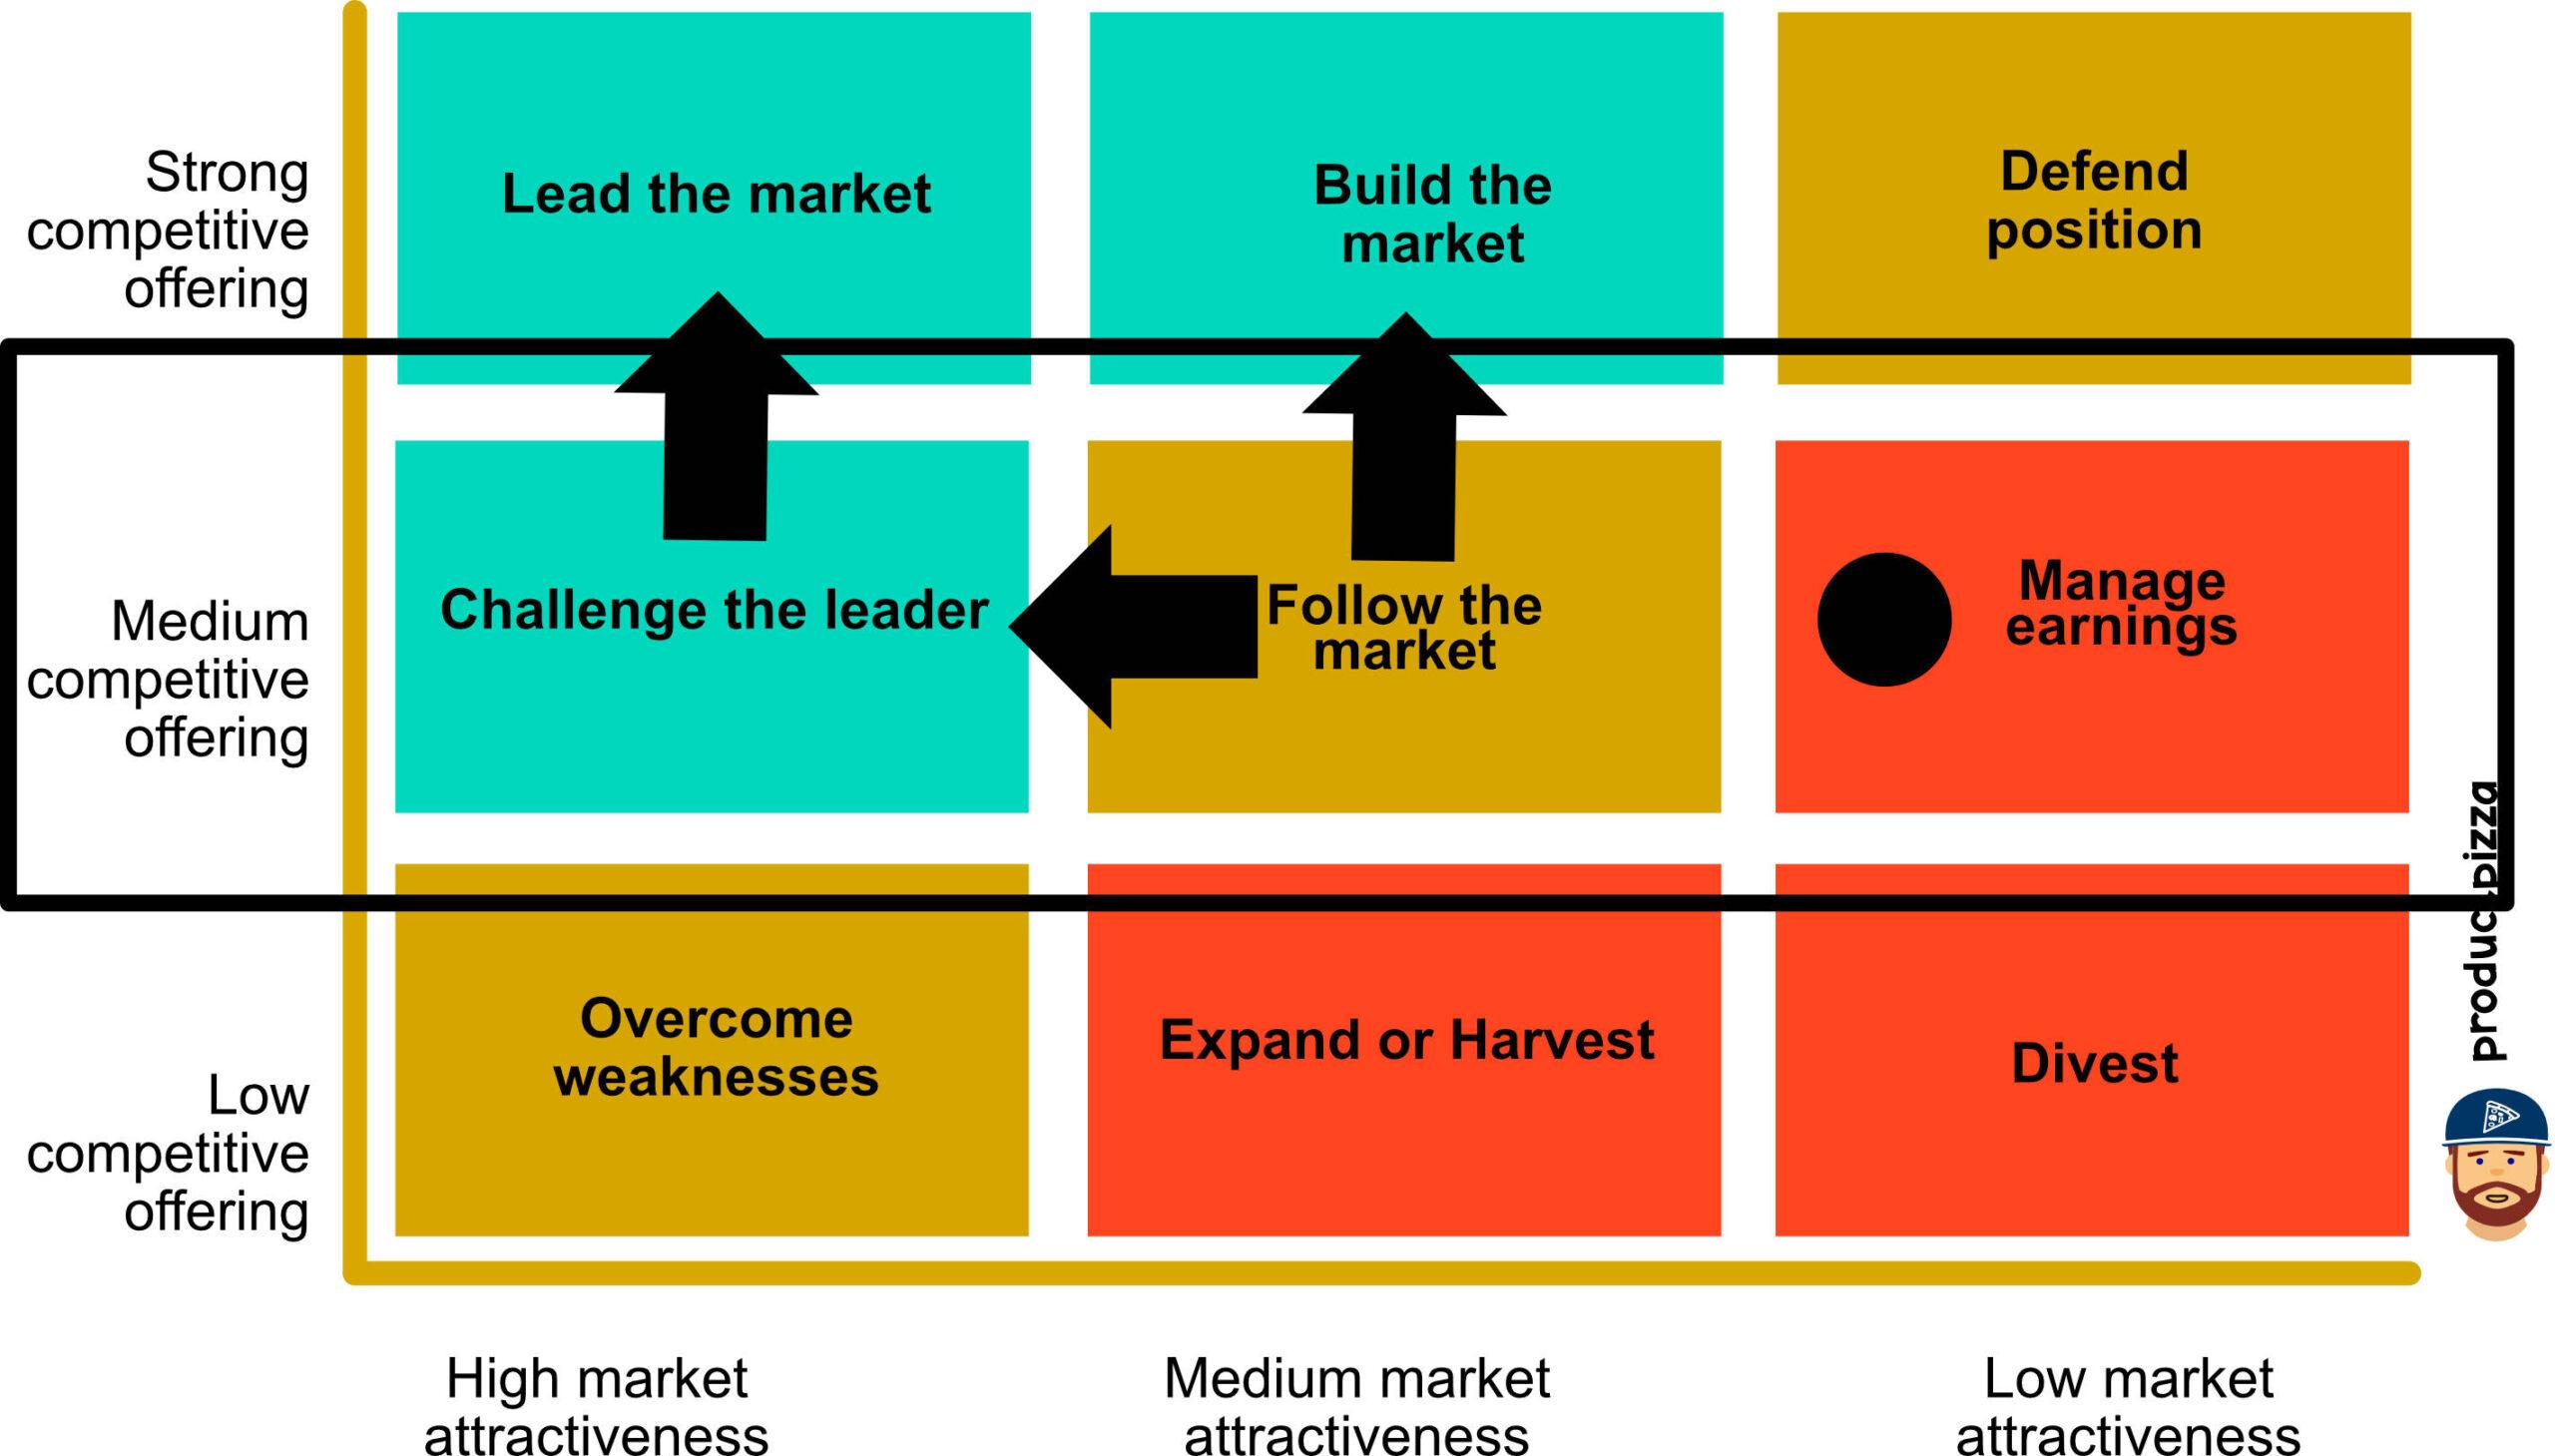 medium competitive offering GE matrix